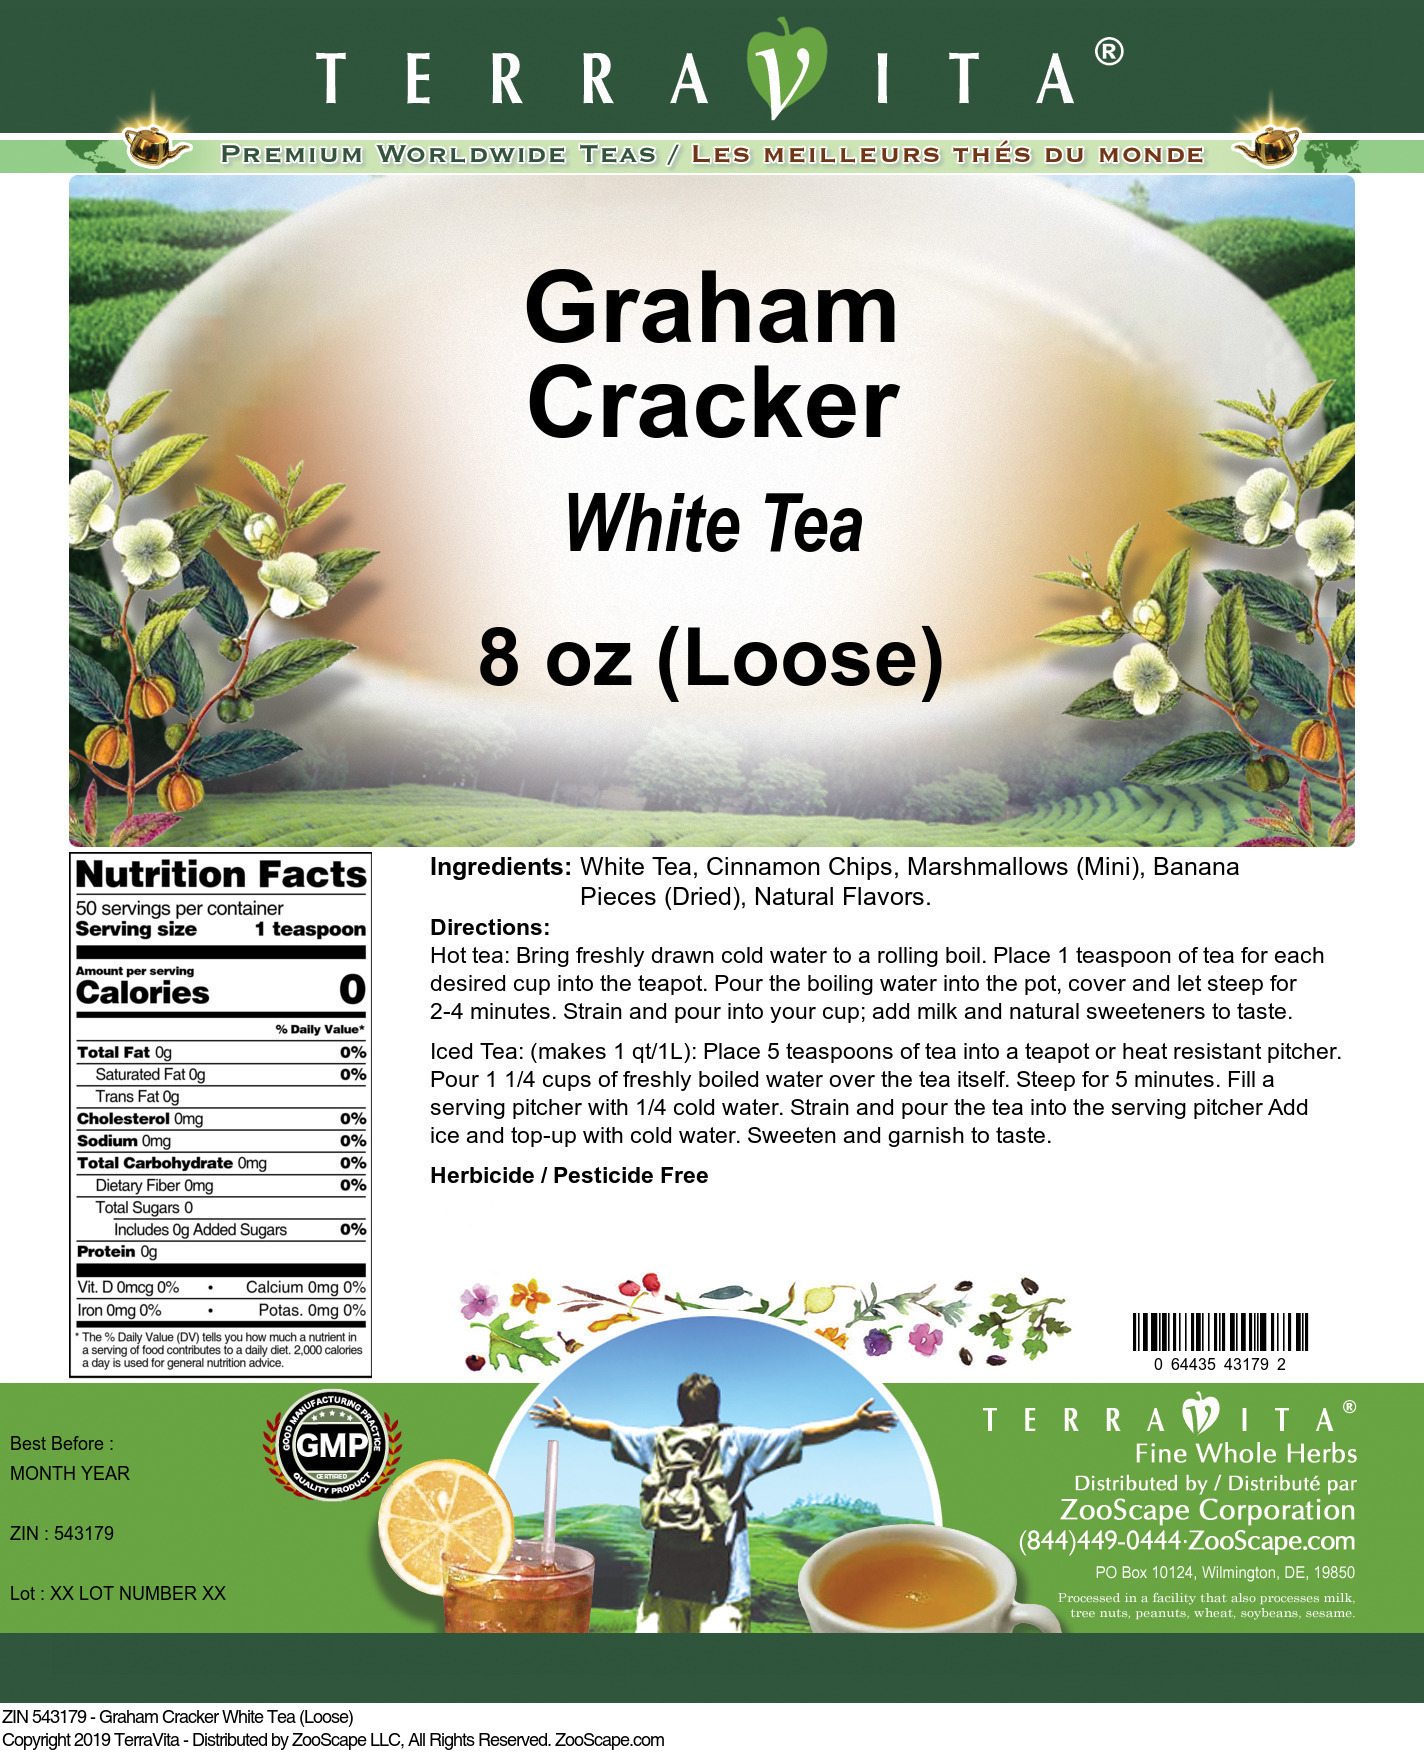 Graham Cracker White Tea